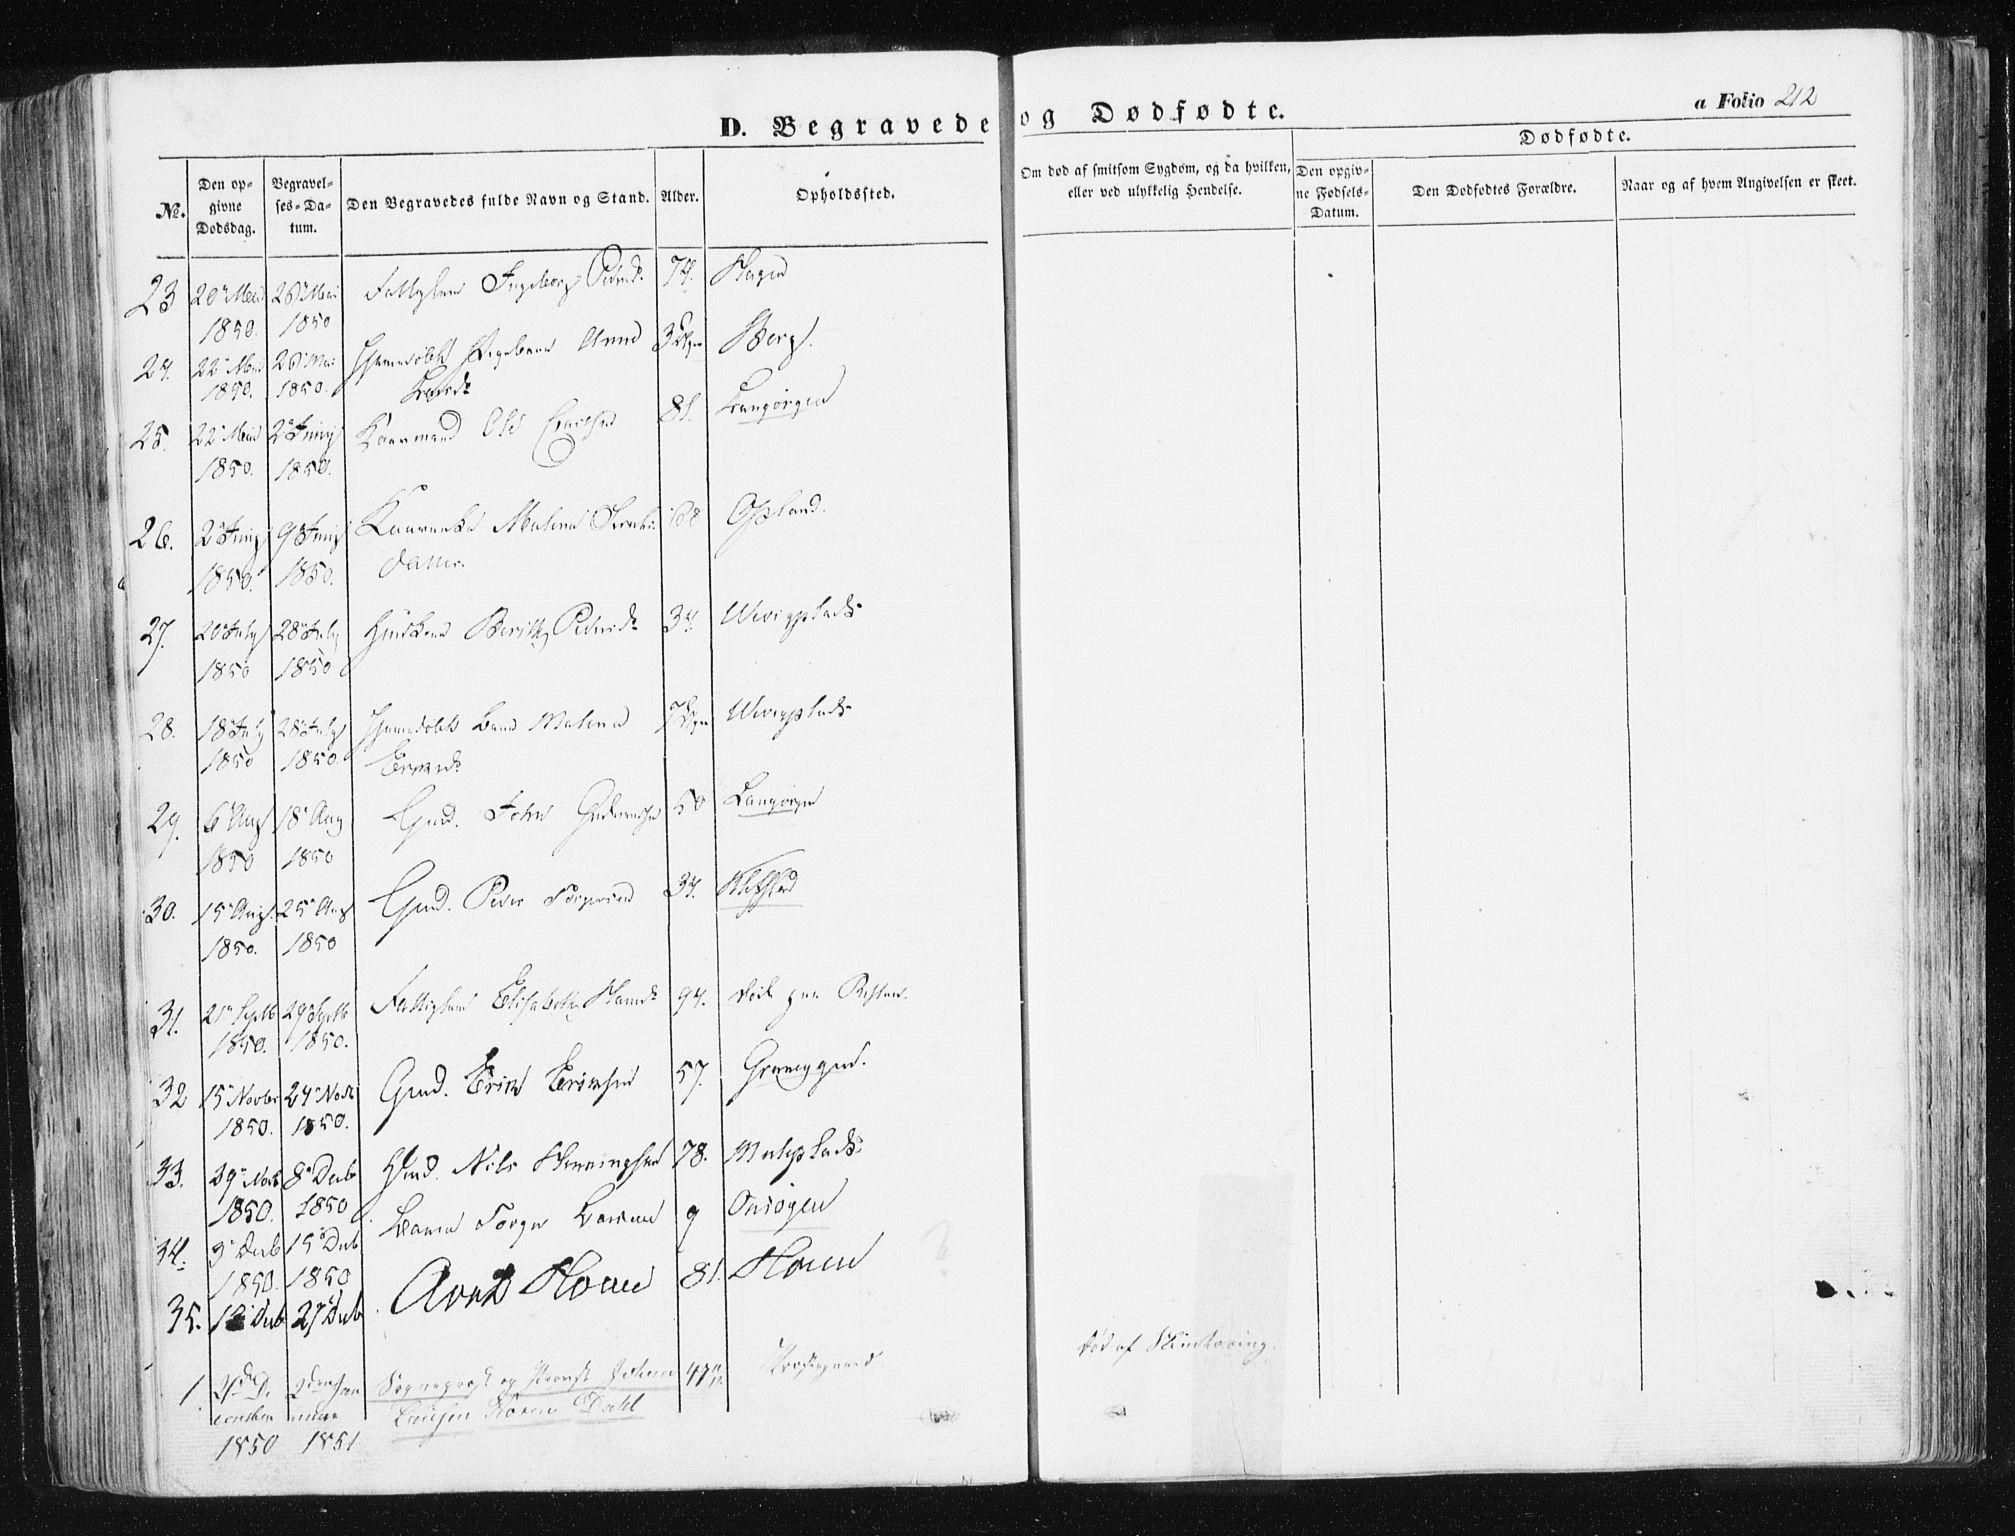 SAT, Ministerialprotokoller, klokkerbøker og fødselsregistre - Sør-Trøndelag, 612/L0376: Ministerialbok nr. 612A08, 1846-1859, s. 212